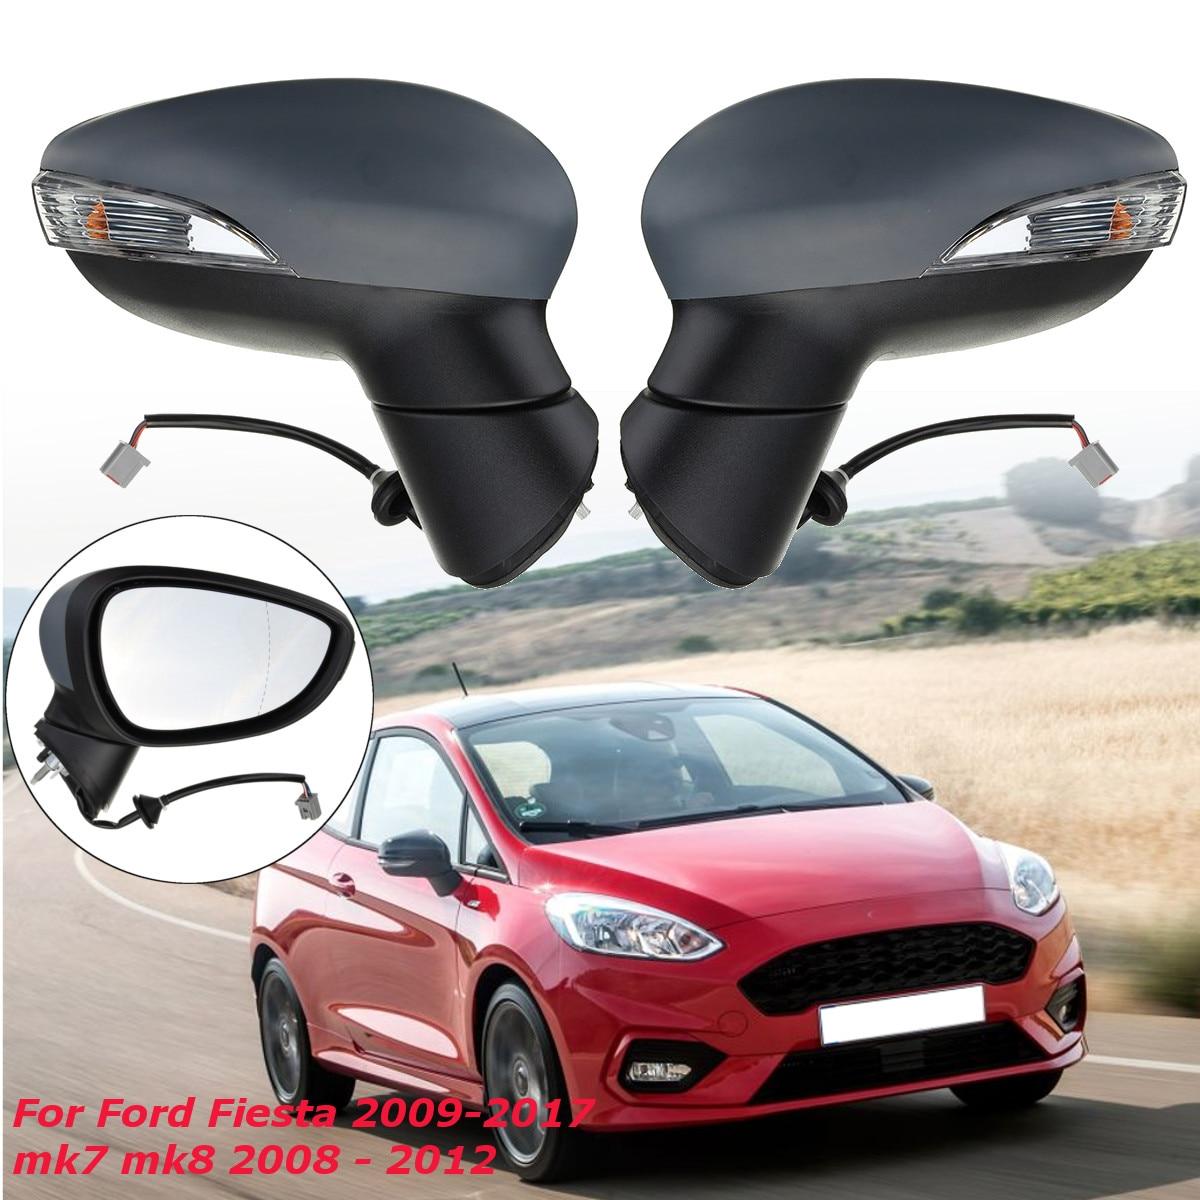 Rétroviseur de voiture à aile électrique de porte côté conducteur ou passager chauffé avec lumière Singal tournant pour Ford pour Fiesta 2009-2017